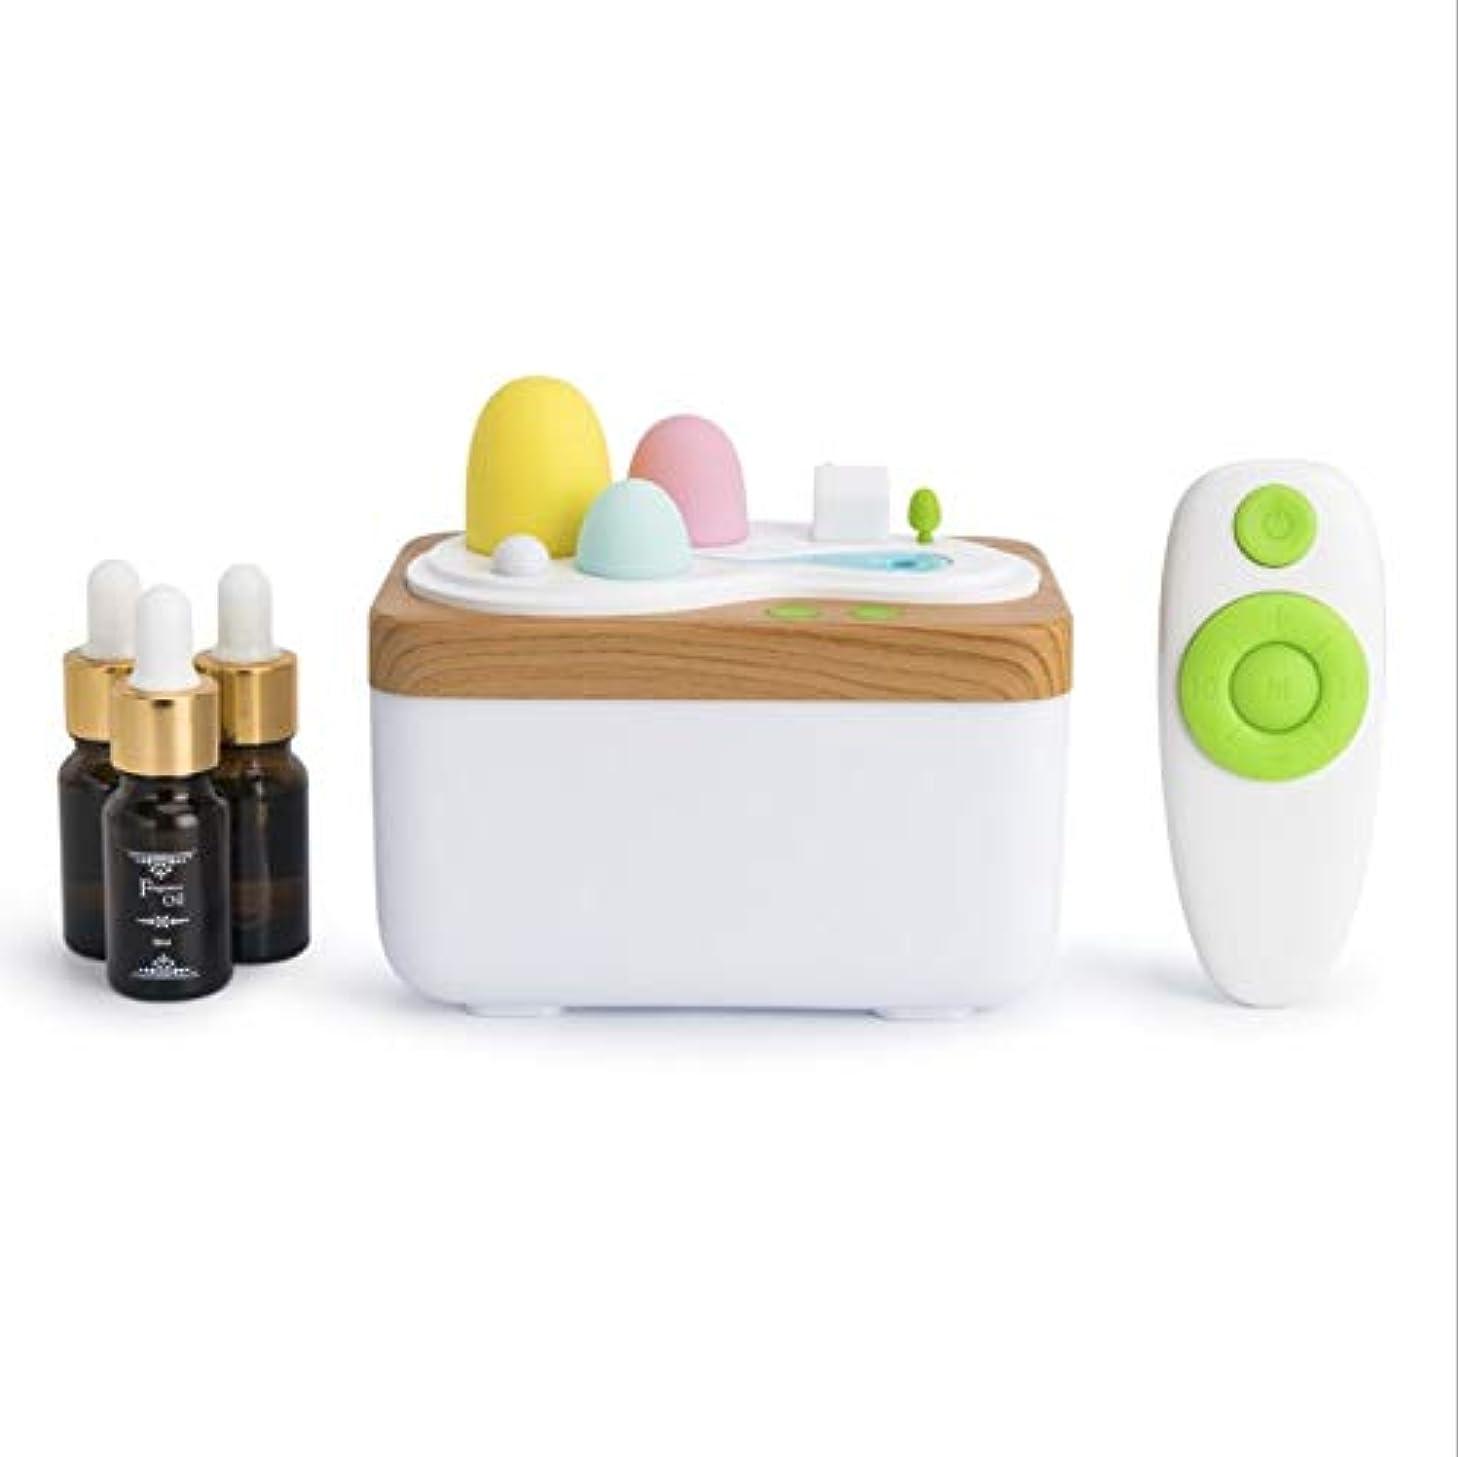 広々としたストライク寄生虫ホームベッドルームオフィスに適しアロマディフューザー、リモート超音波USB香ランプ加湿器、420ML大型水タンク、自動閉会、田園風景、 (Color : Aromatherapy)